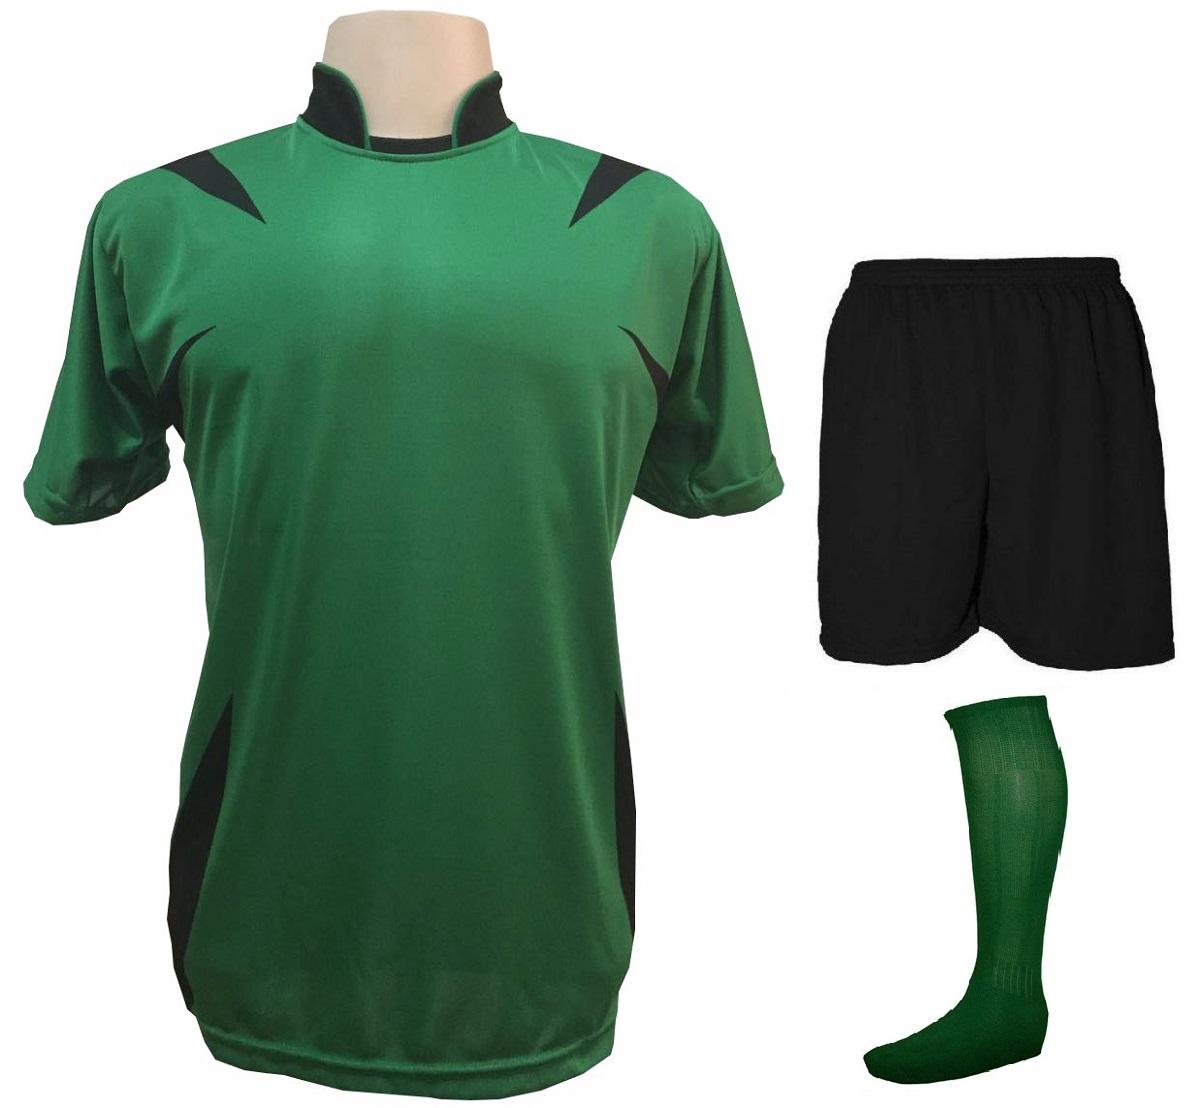 Uniforme Esportivo com 14 camisas modelo Palermo Verde Preto + 14 calções  modelo Madrid Preto ... a8d2db09ade94